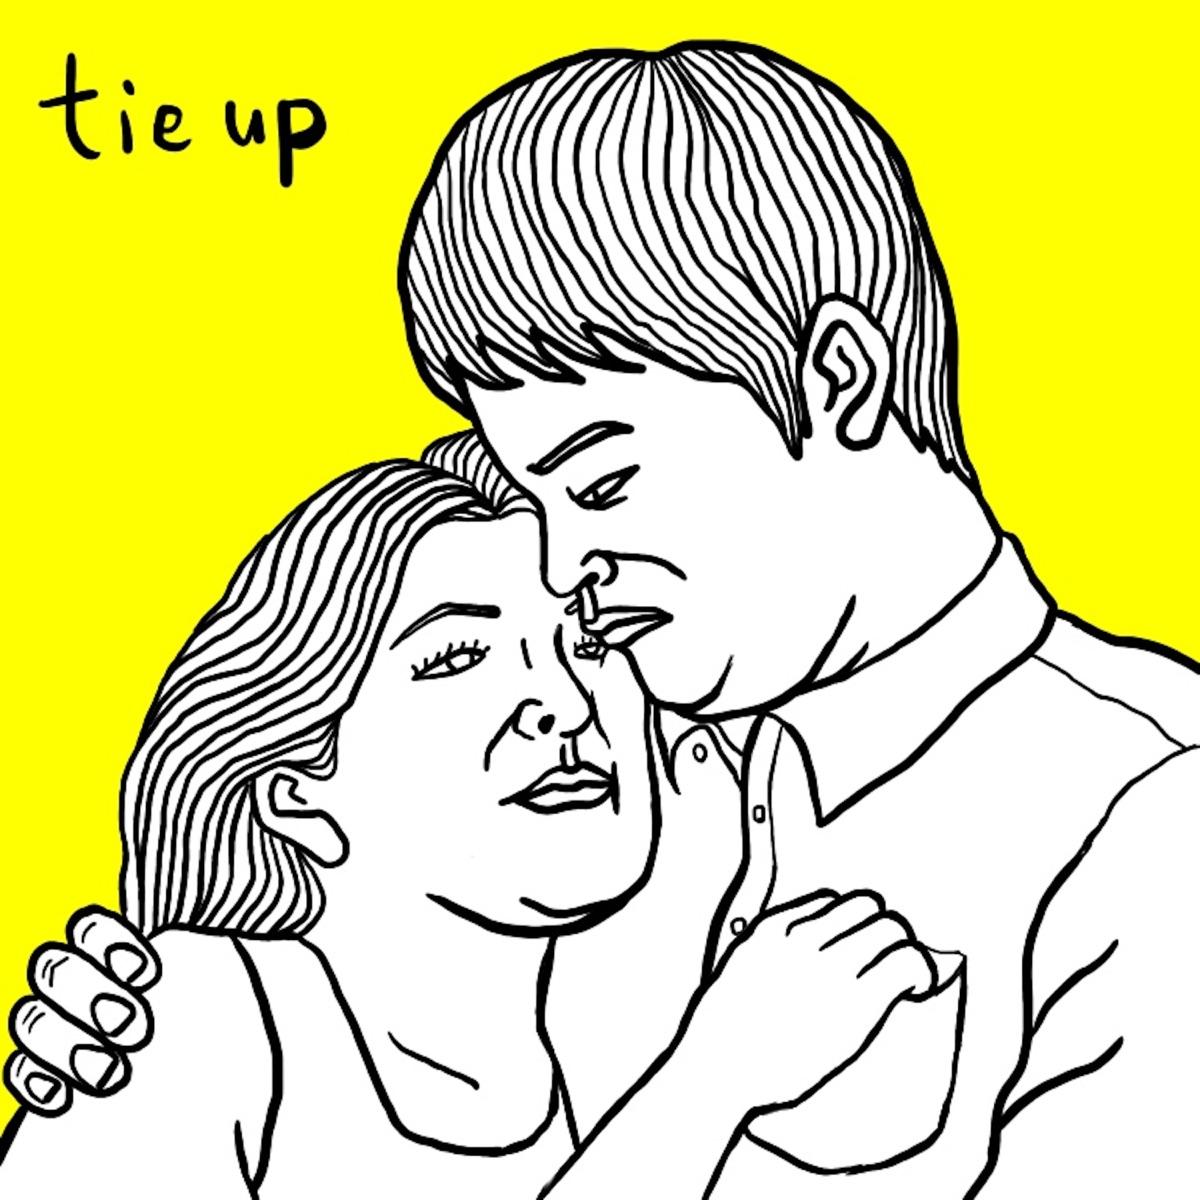 『バカリズムとTie up(フジファブリズム)』収録の『Tie up(フジファブリズム)』ジャケット